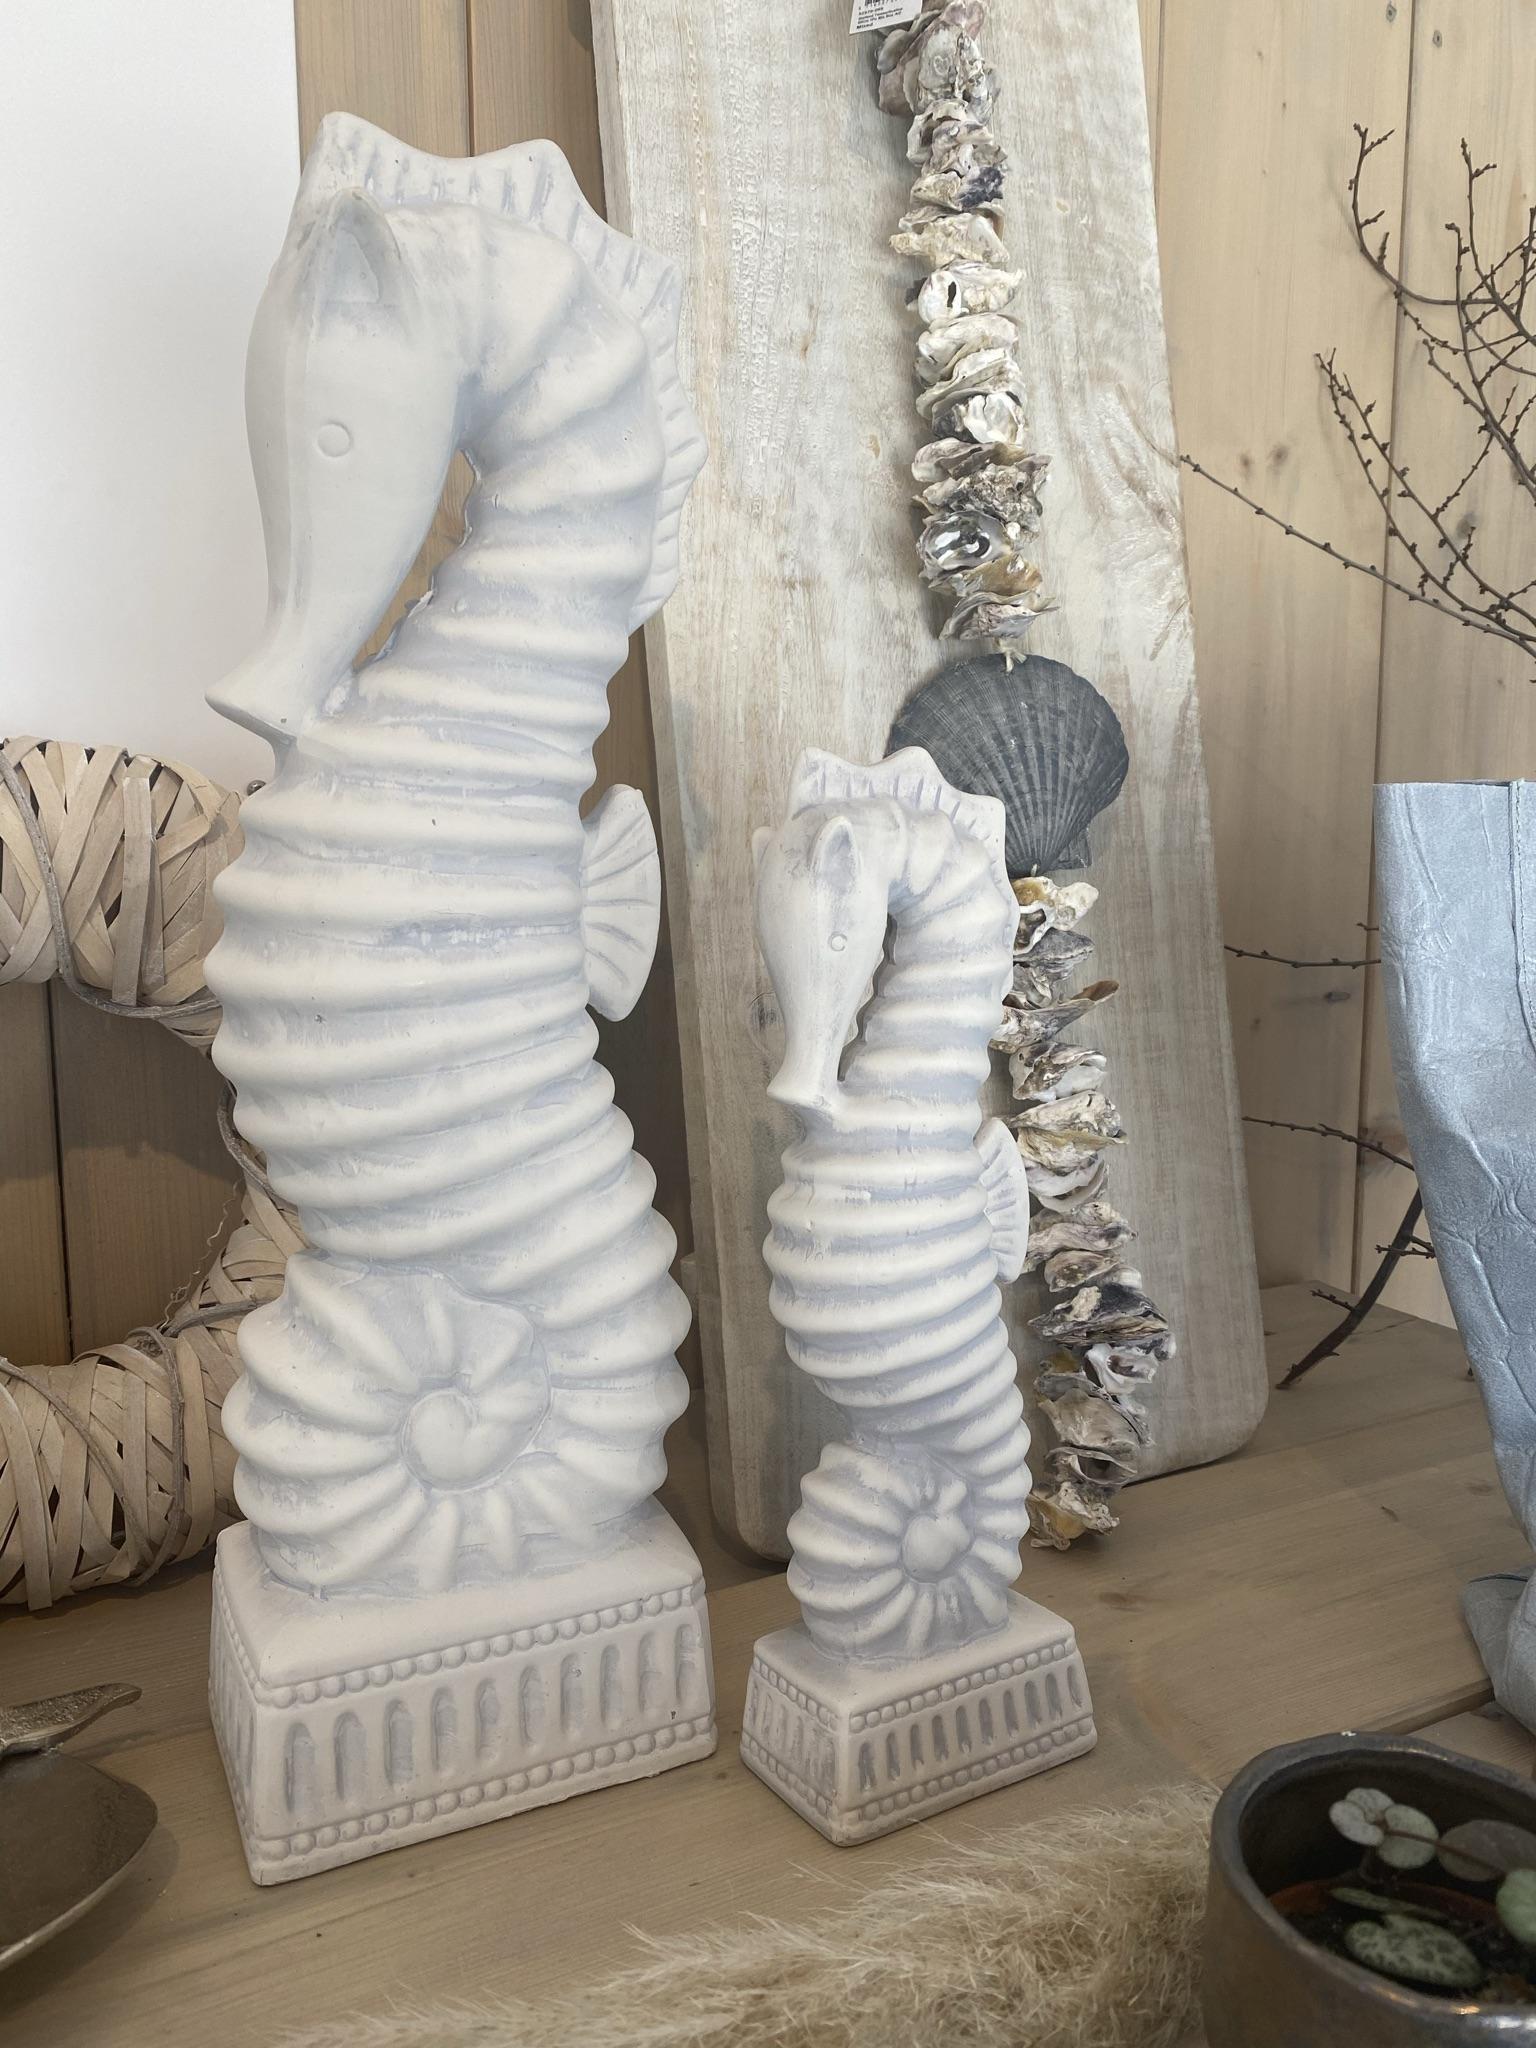 Seepferdchen weiß gewischt aus Keramik, 50cm